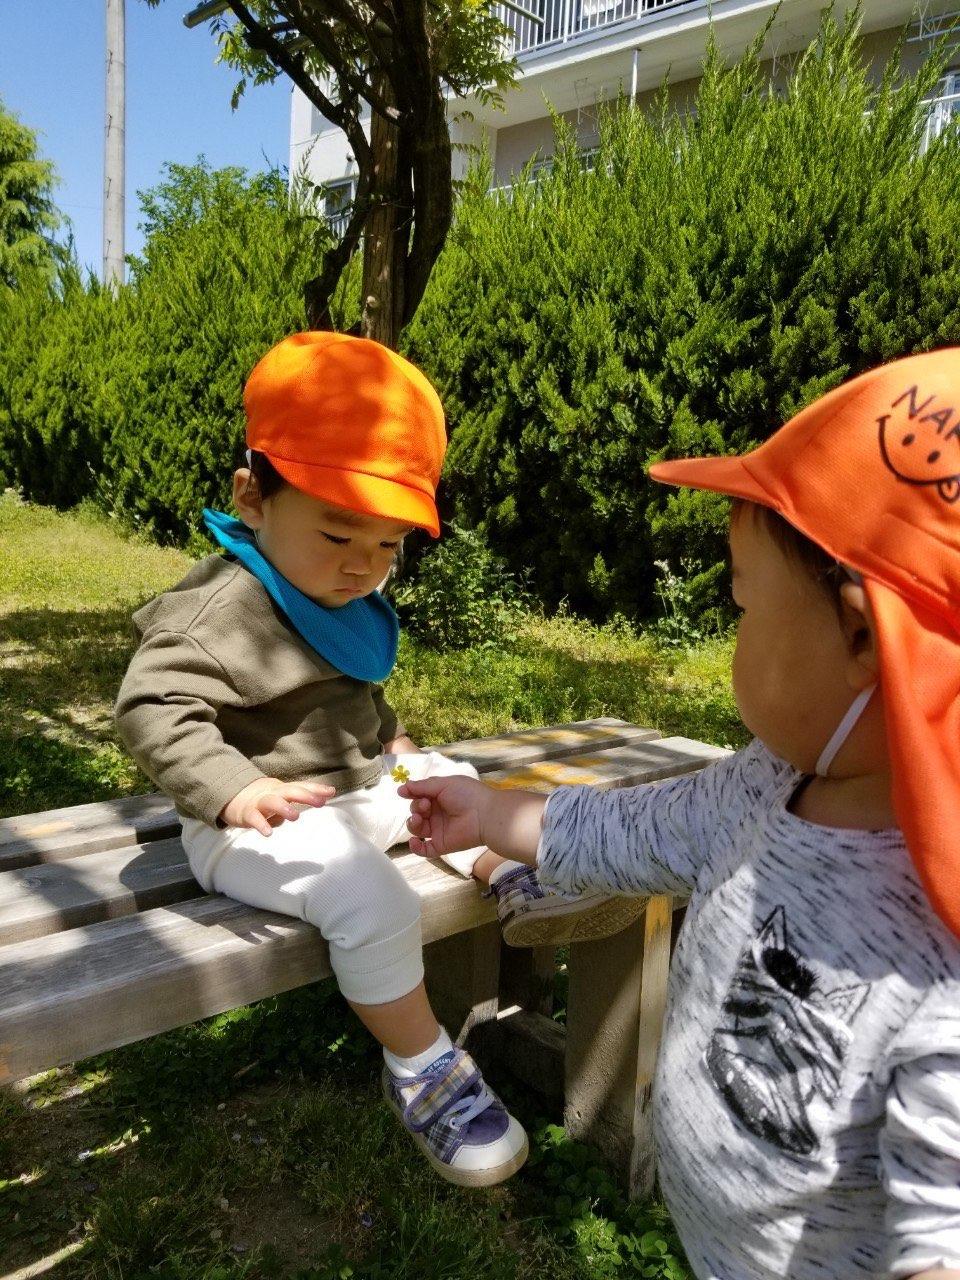 保護中: 5月☀️ぬたくり🎨戸外遊び  長岡京園